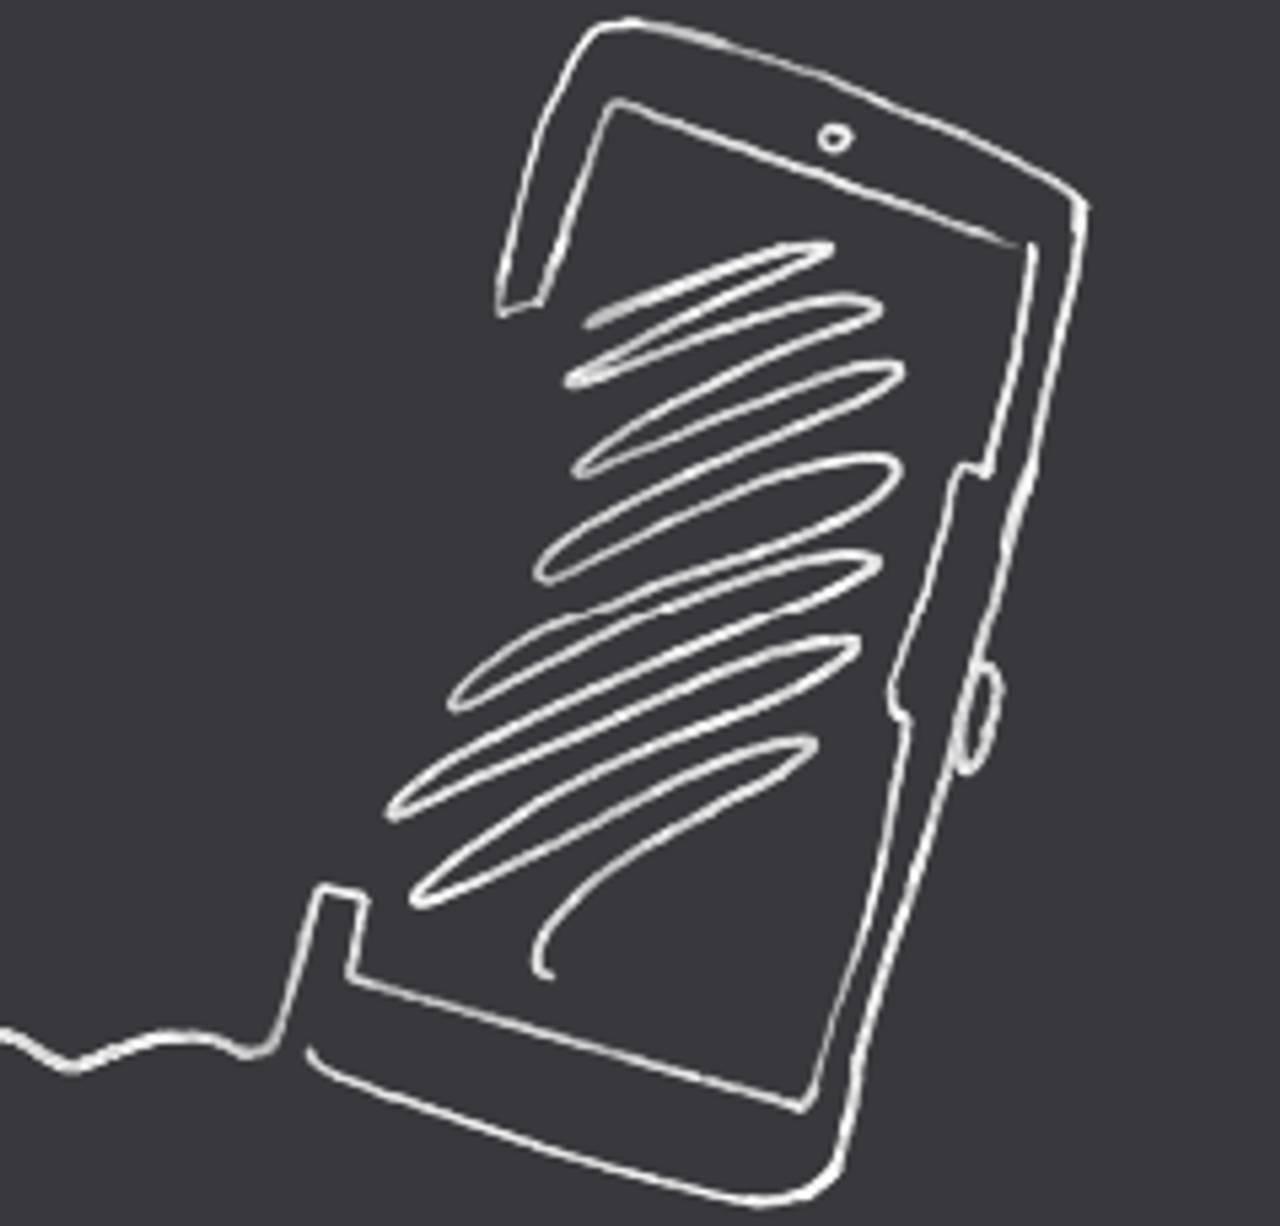 Illustrasjon av en mobil